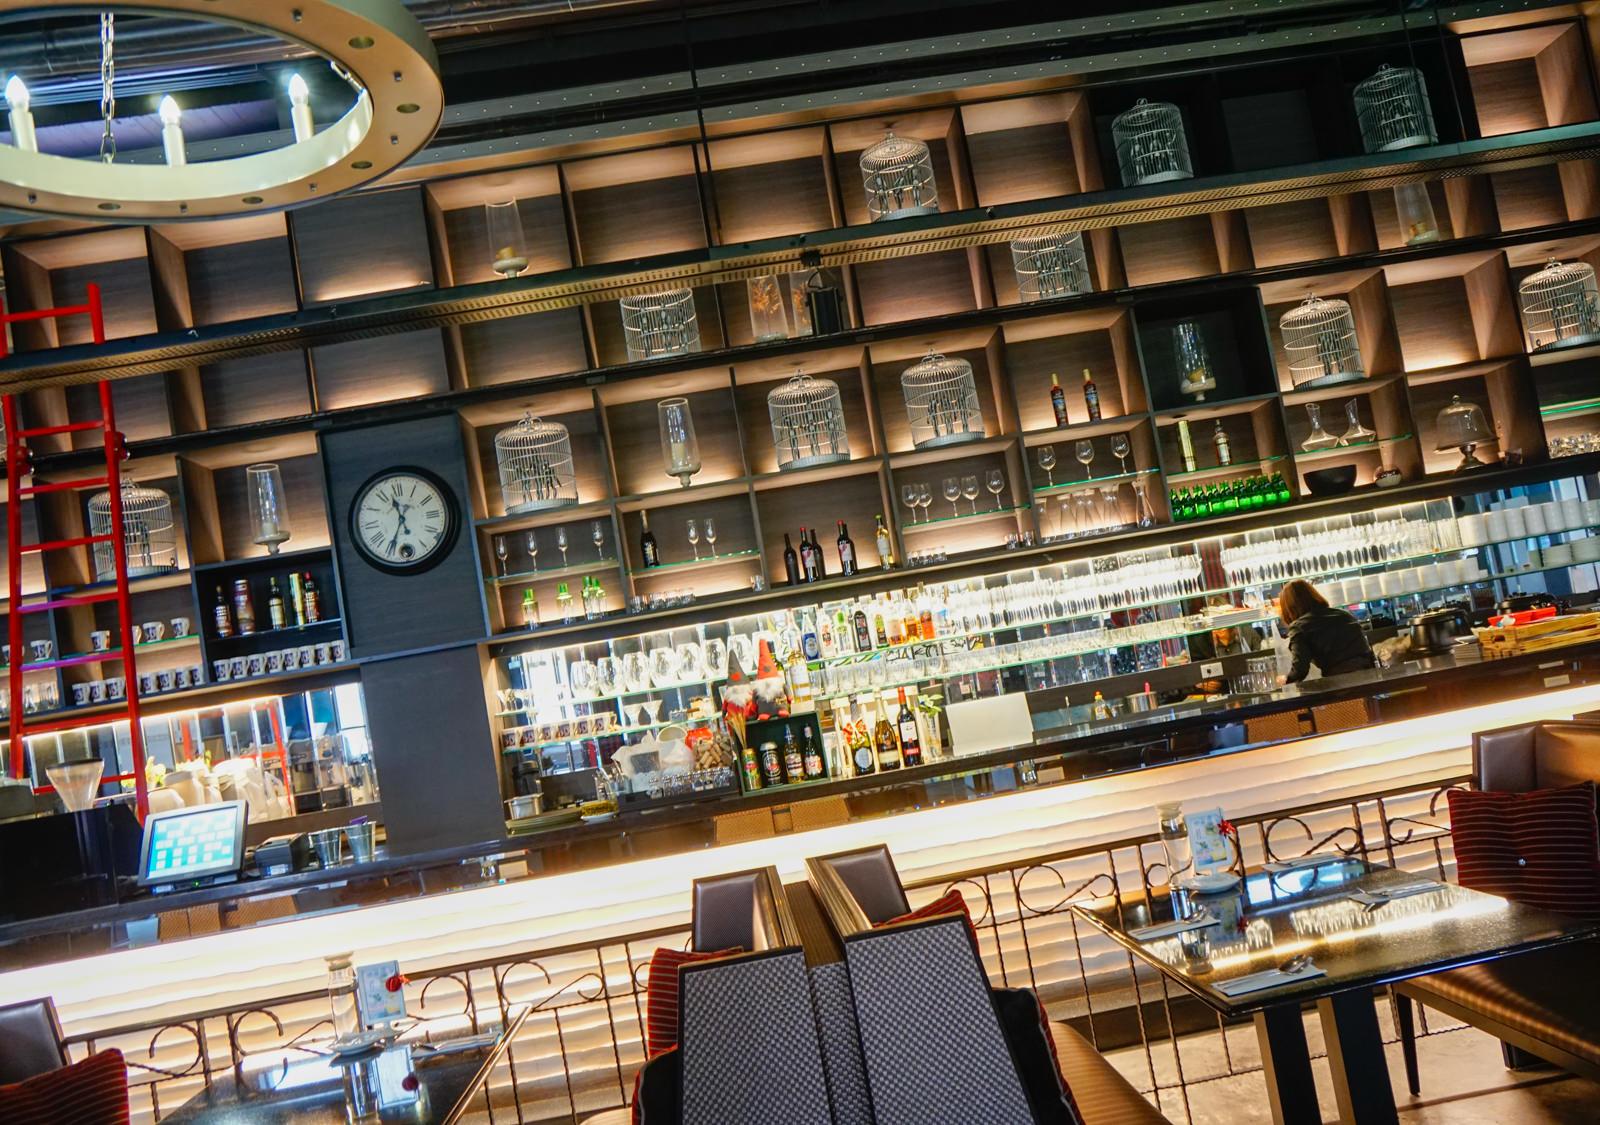 [高雄]典藏駁二餐廳-駁二時尚設計餐酒館! 好氣氛享美食 高雄駁二餐廳推薦